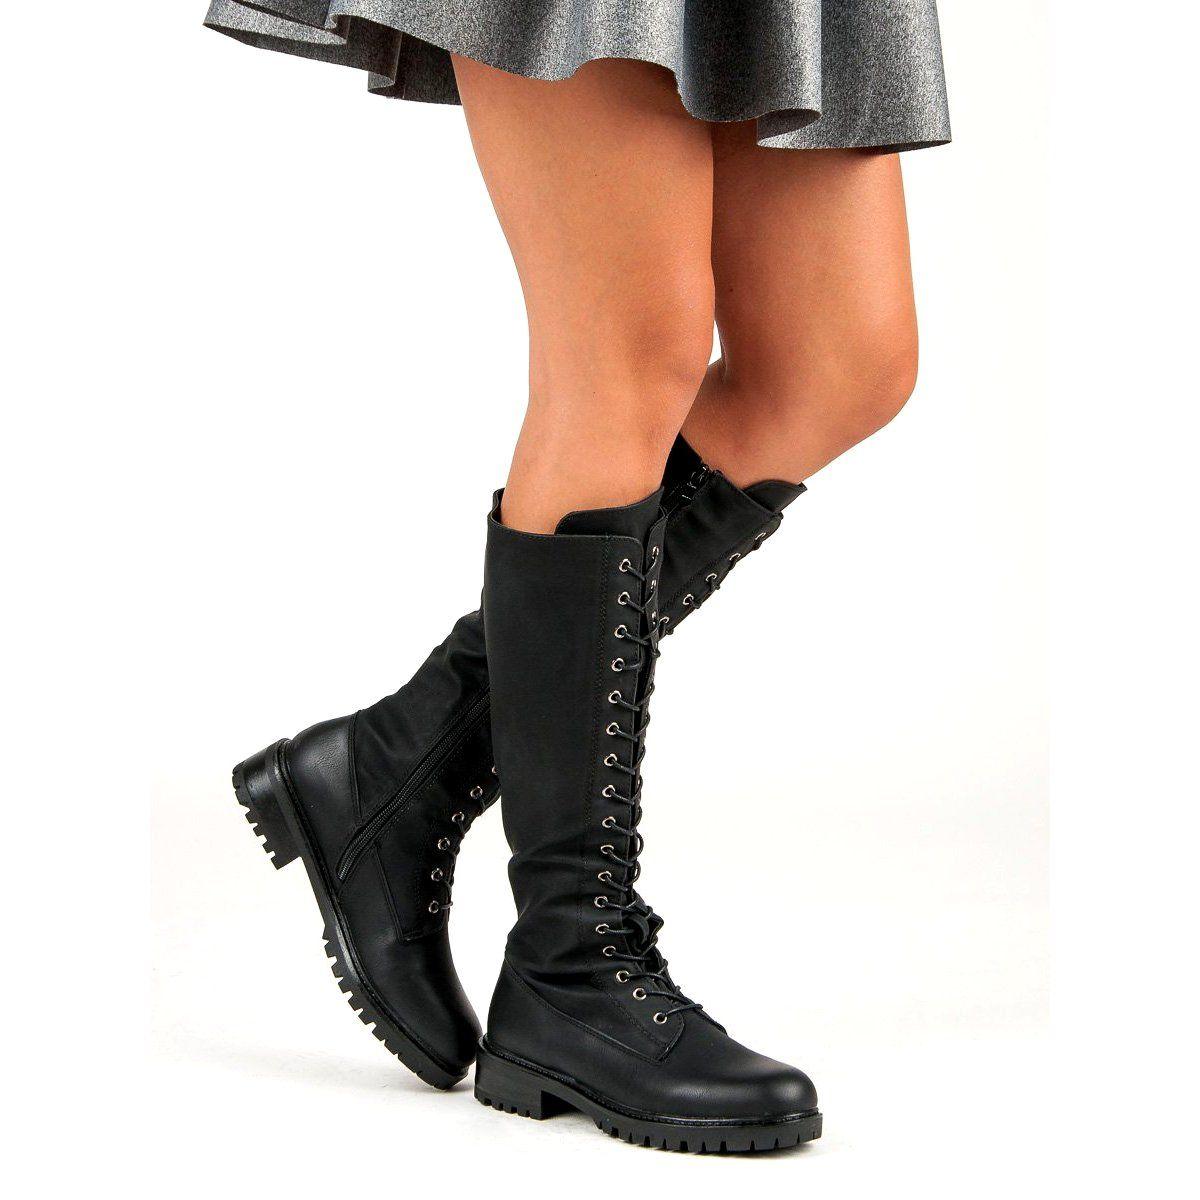 Sds Sznurowane Kozaki Damskie Czarne Combat Boots Shoes Boots